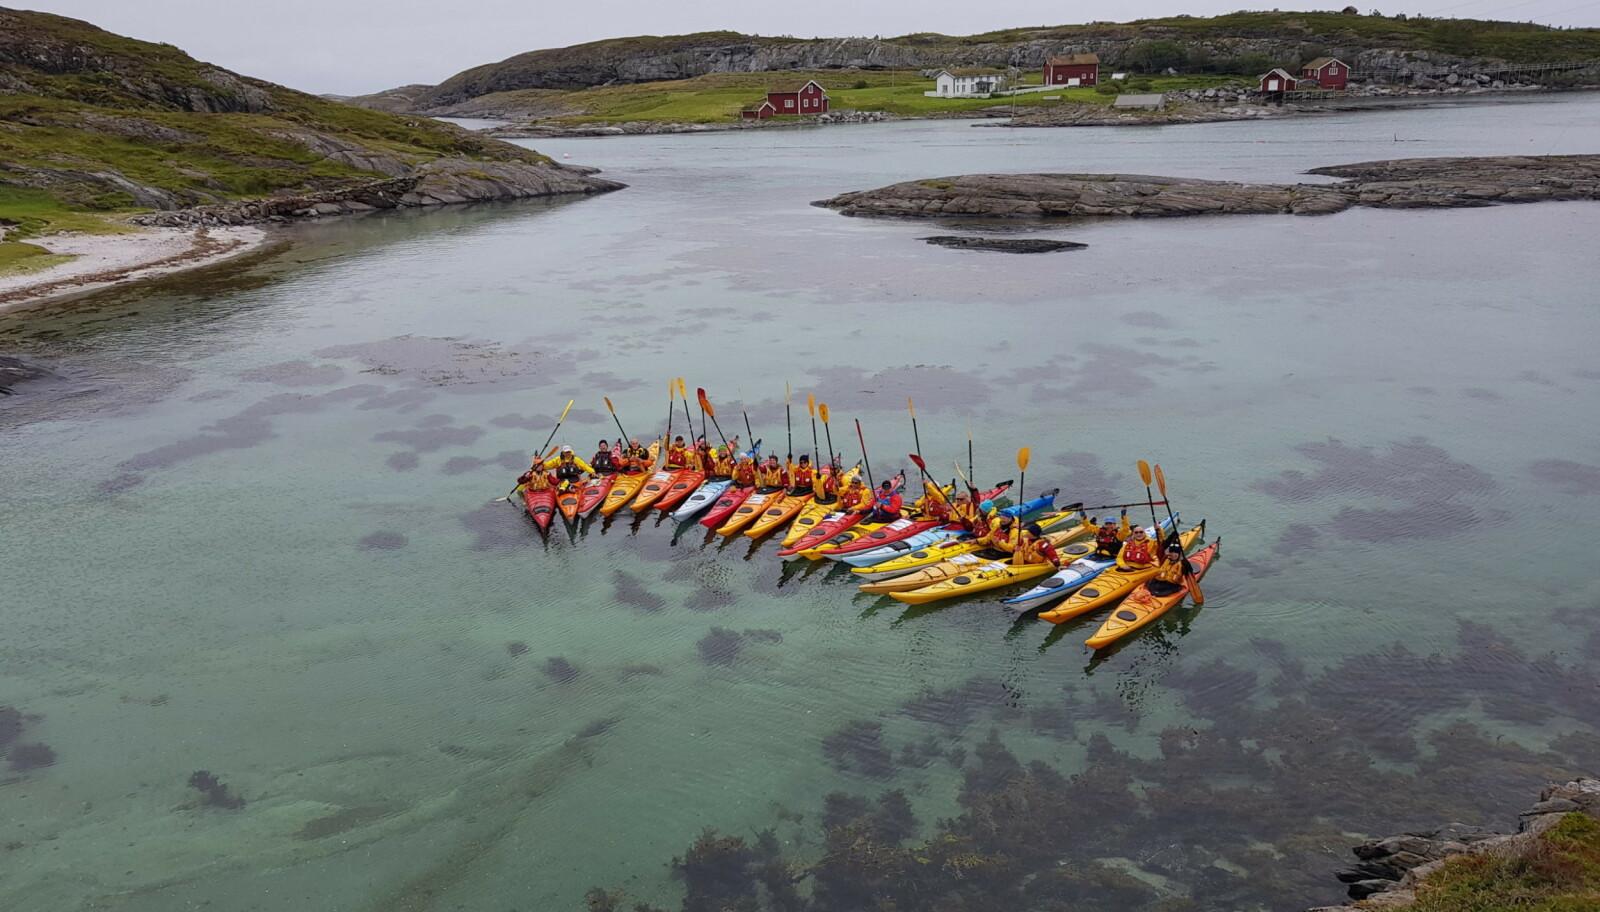 MC-tur fra Bergen til Kirkenes og kajakkpadling på Helgeland er noen av pakkereisene som tilbys i år. Foto: Rune Steiro